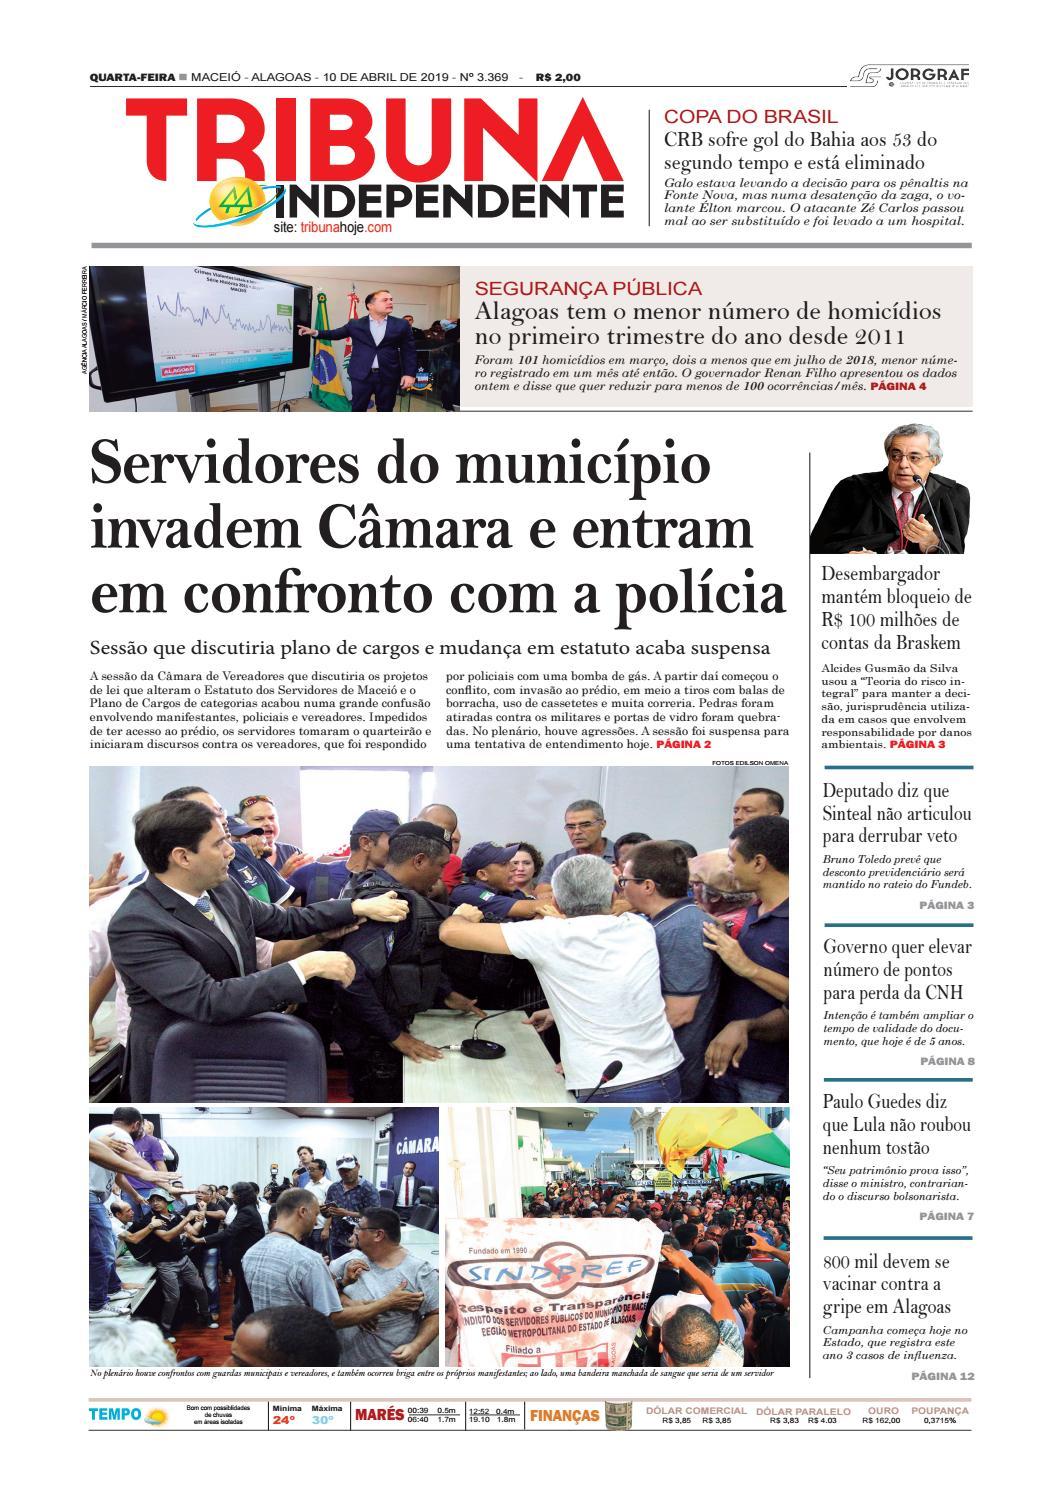 4b308c671 Edição número 3369 - 10 de abril de 2019 by Tribuna Hoje - issuu